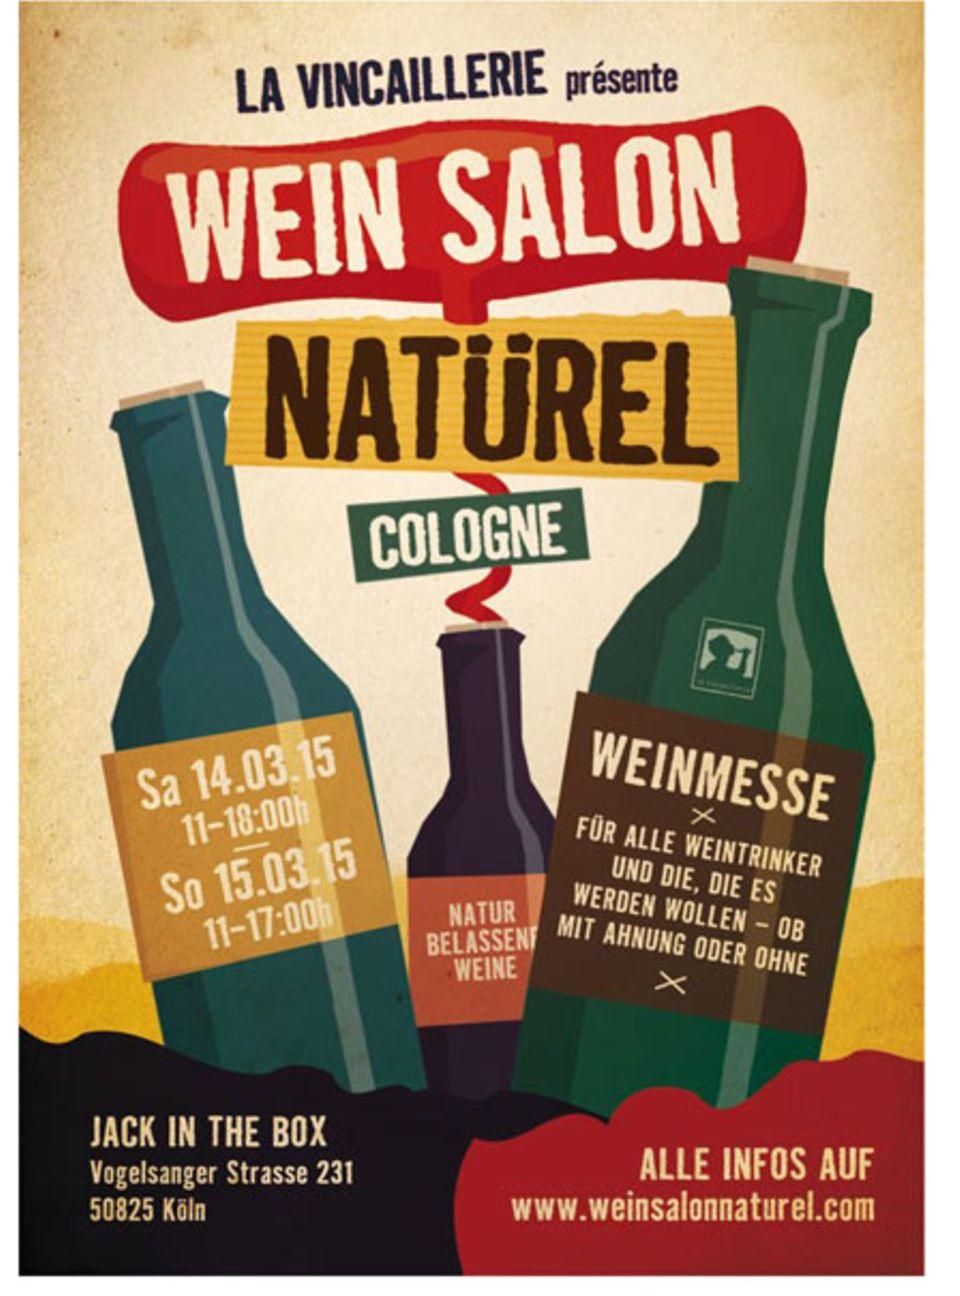 Wine Salon Natürel: unbehandelte Weine entdecken